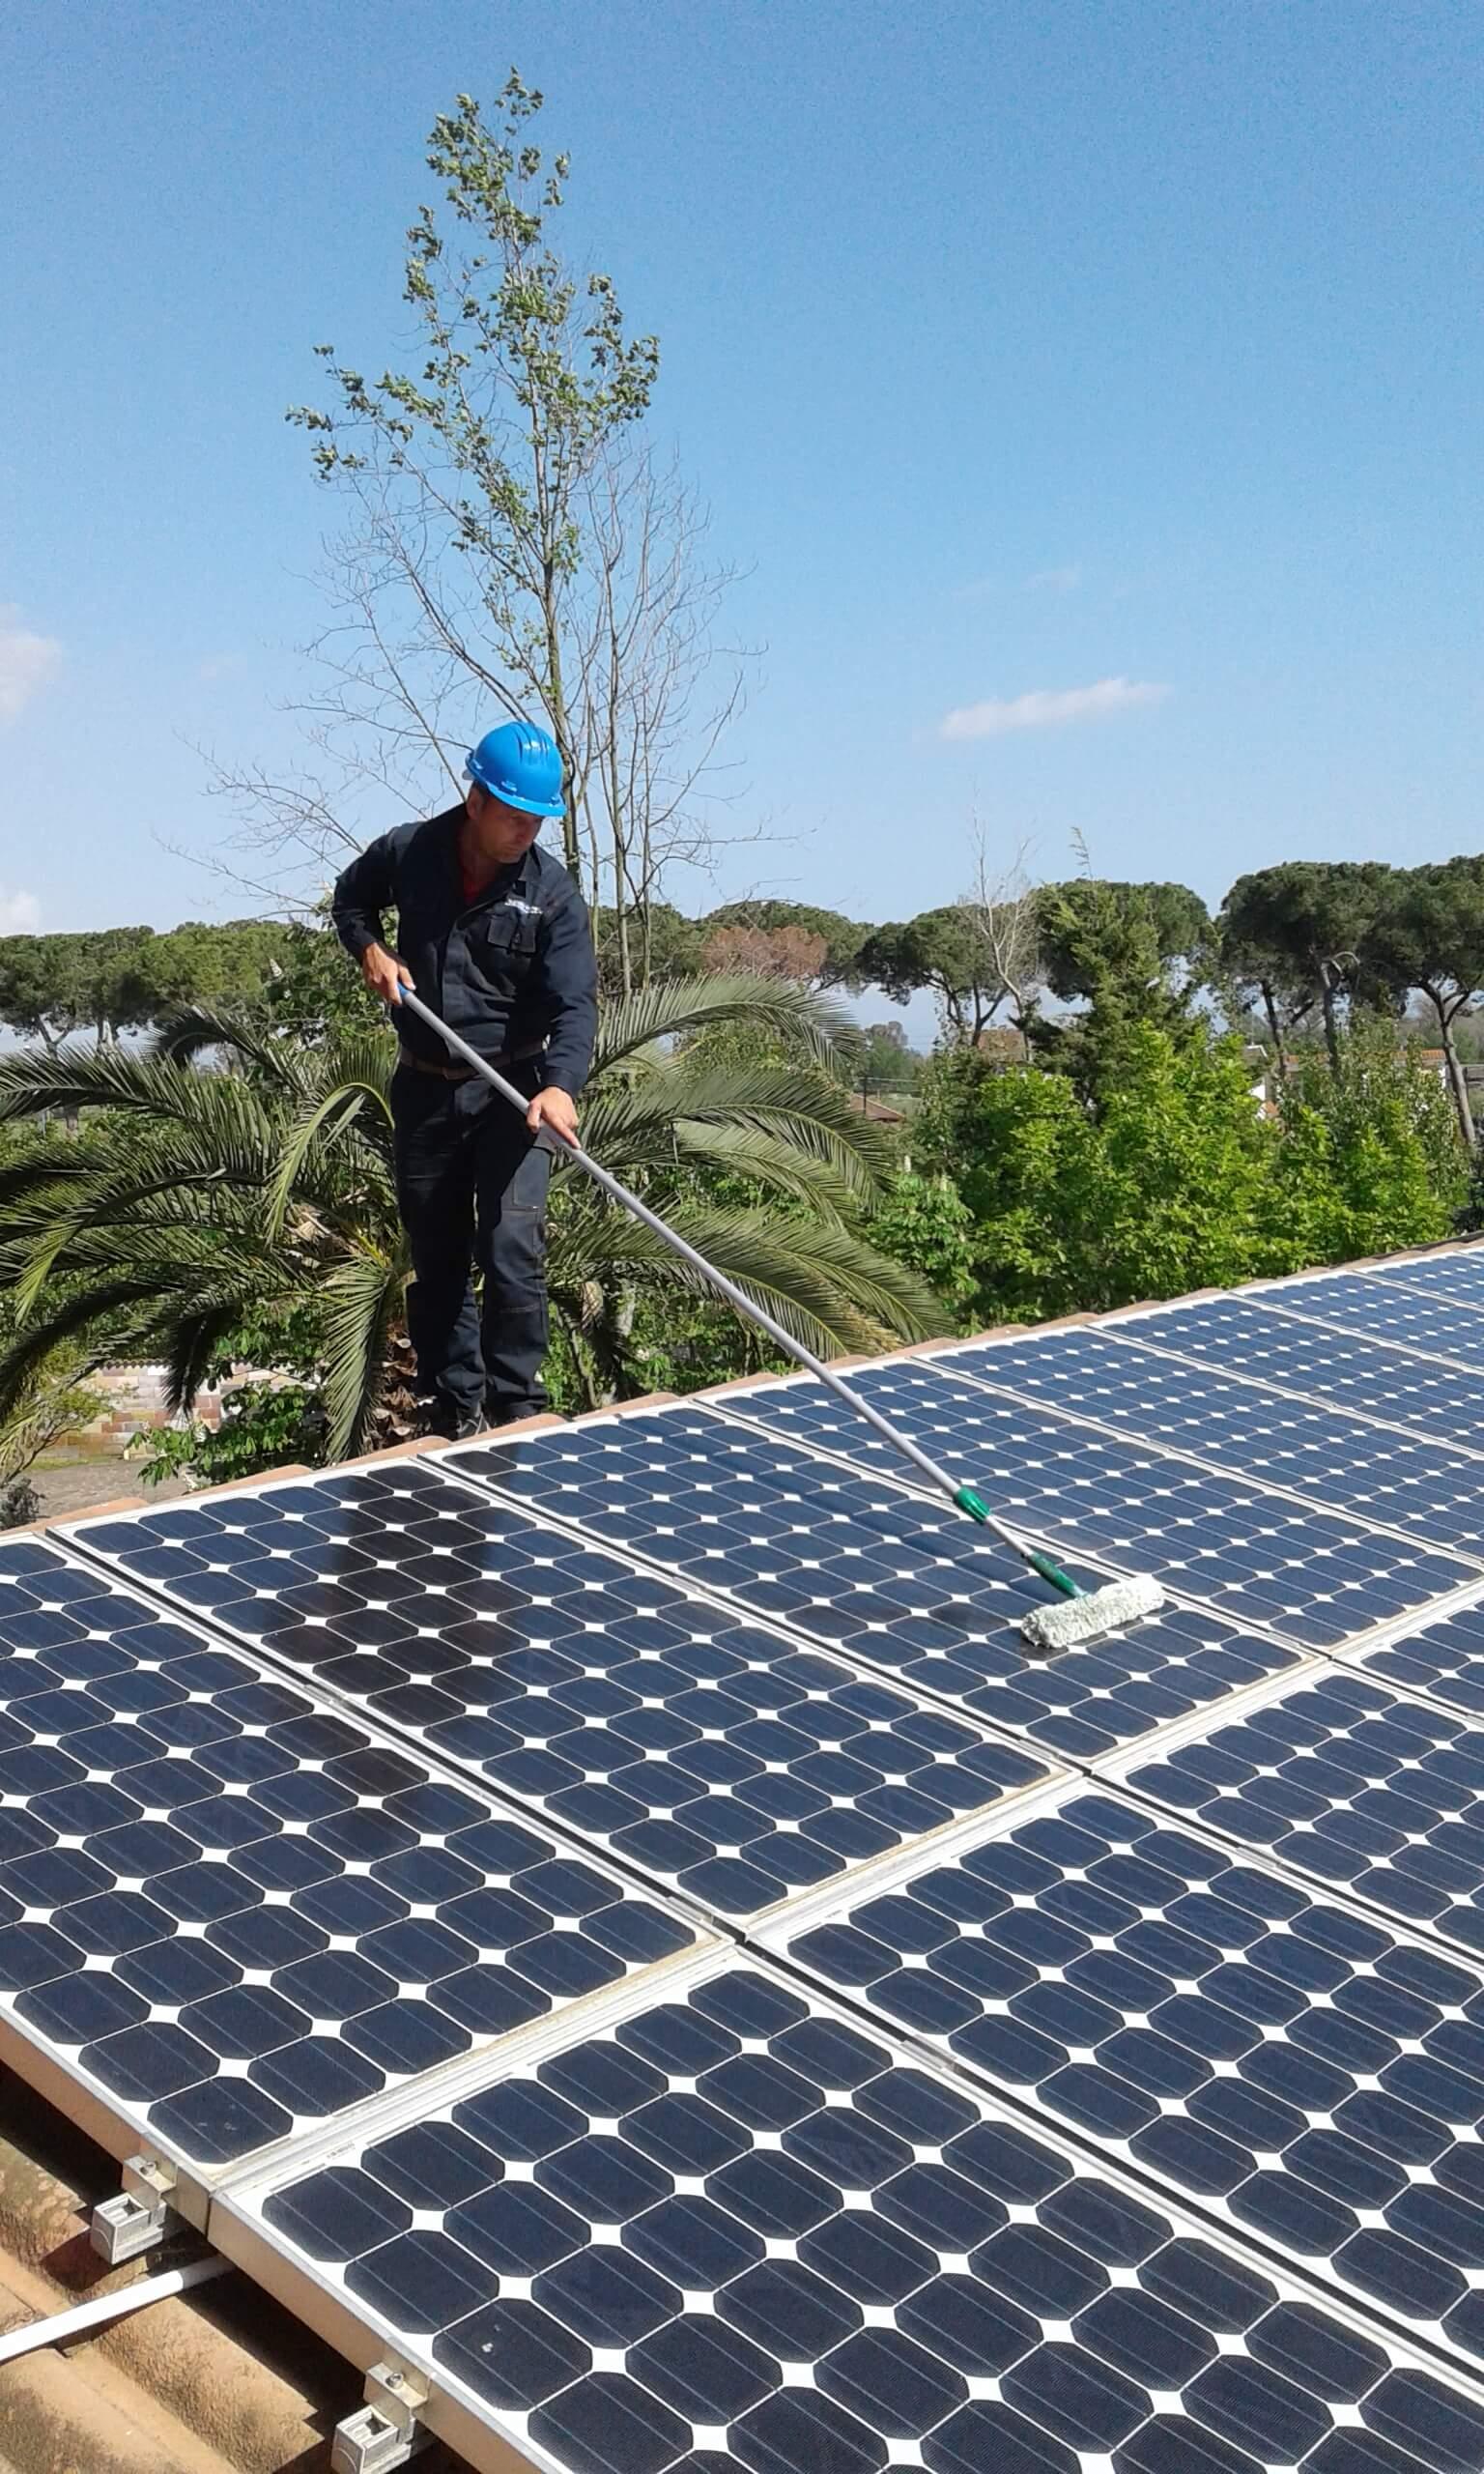 Un uomo su un tetto pulisce dei pannelli solari